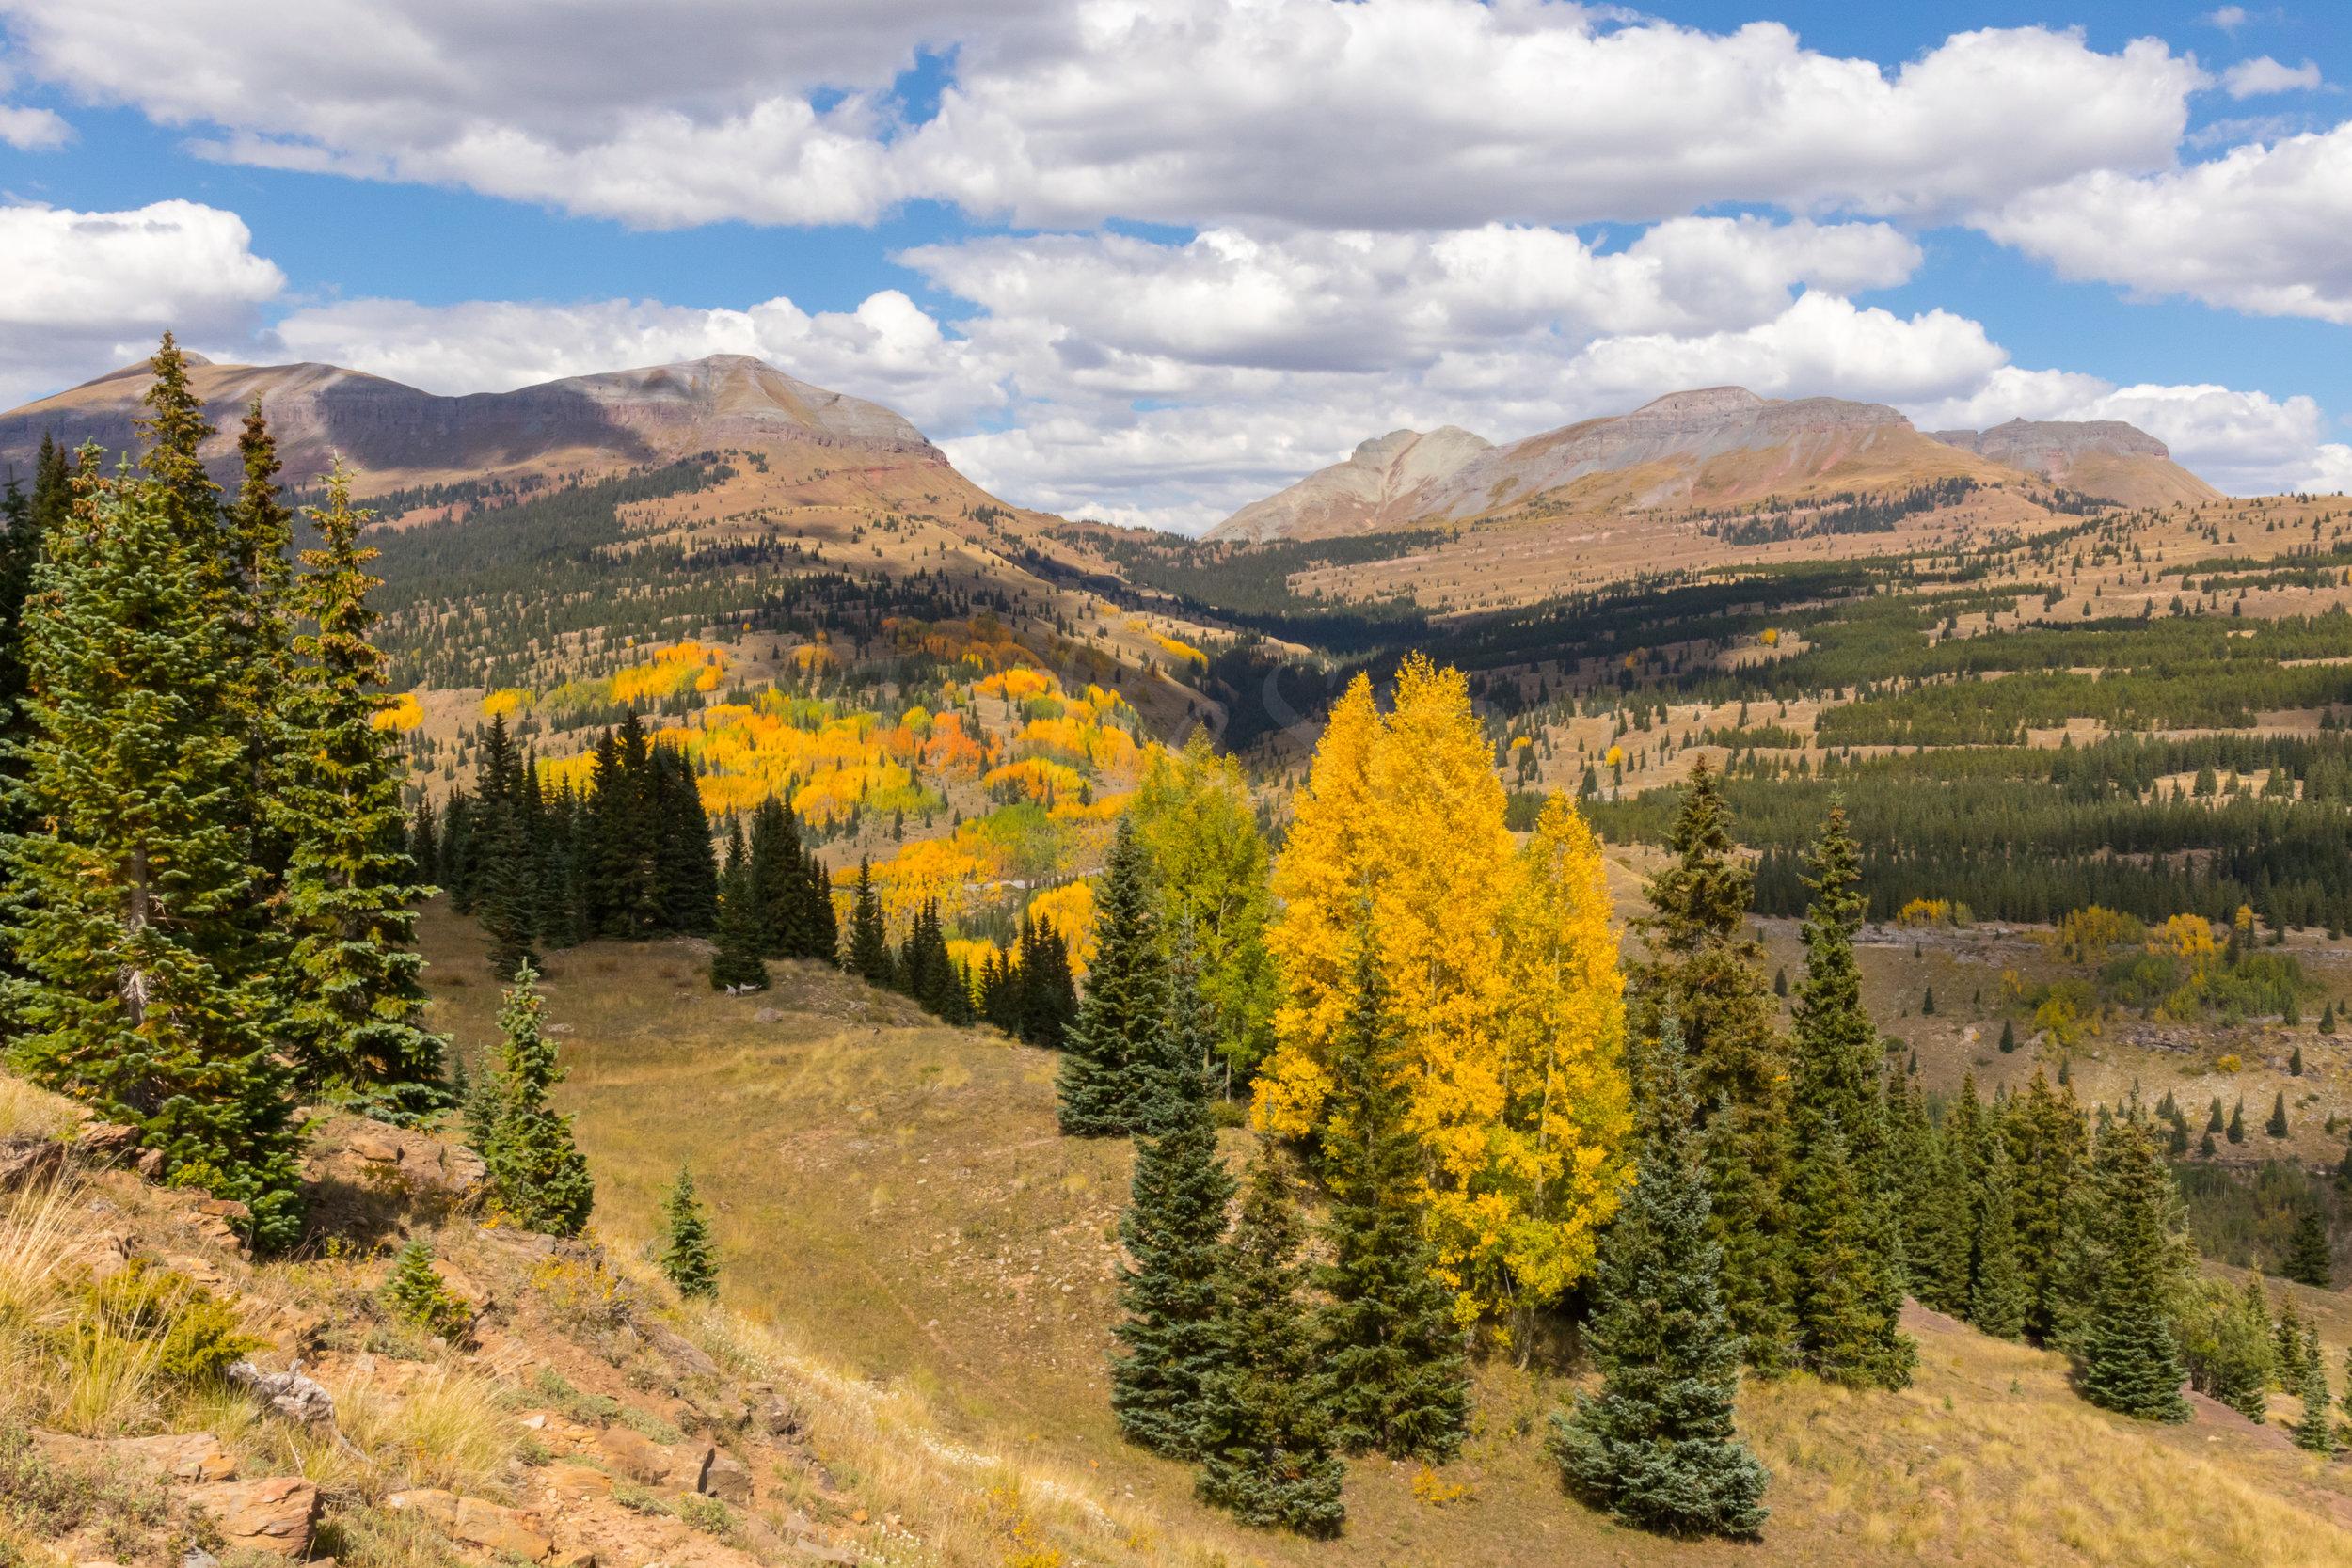 Deer Creek, Image # 7333